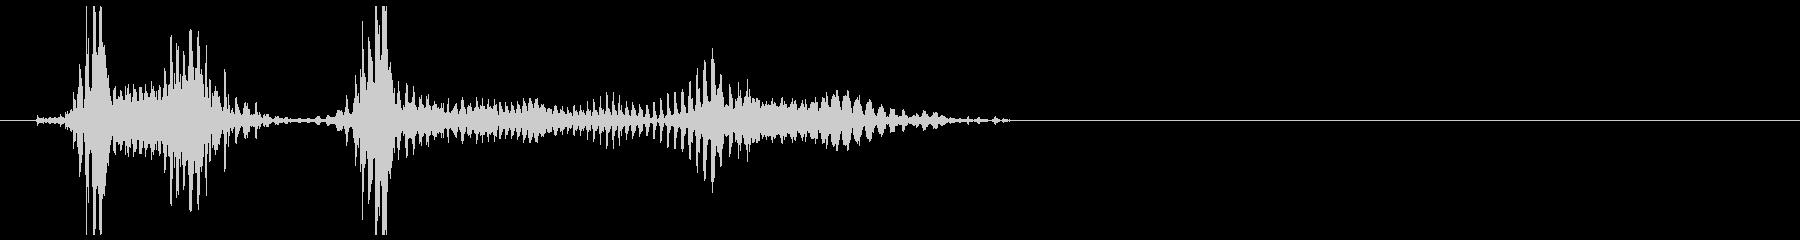 雑魚キャラの発声にの未再生の波形